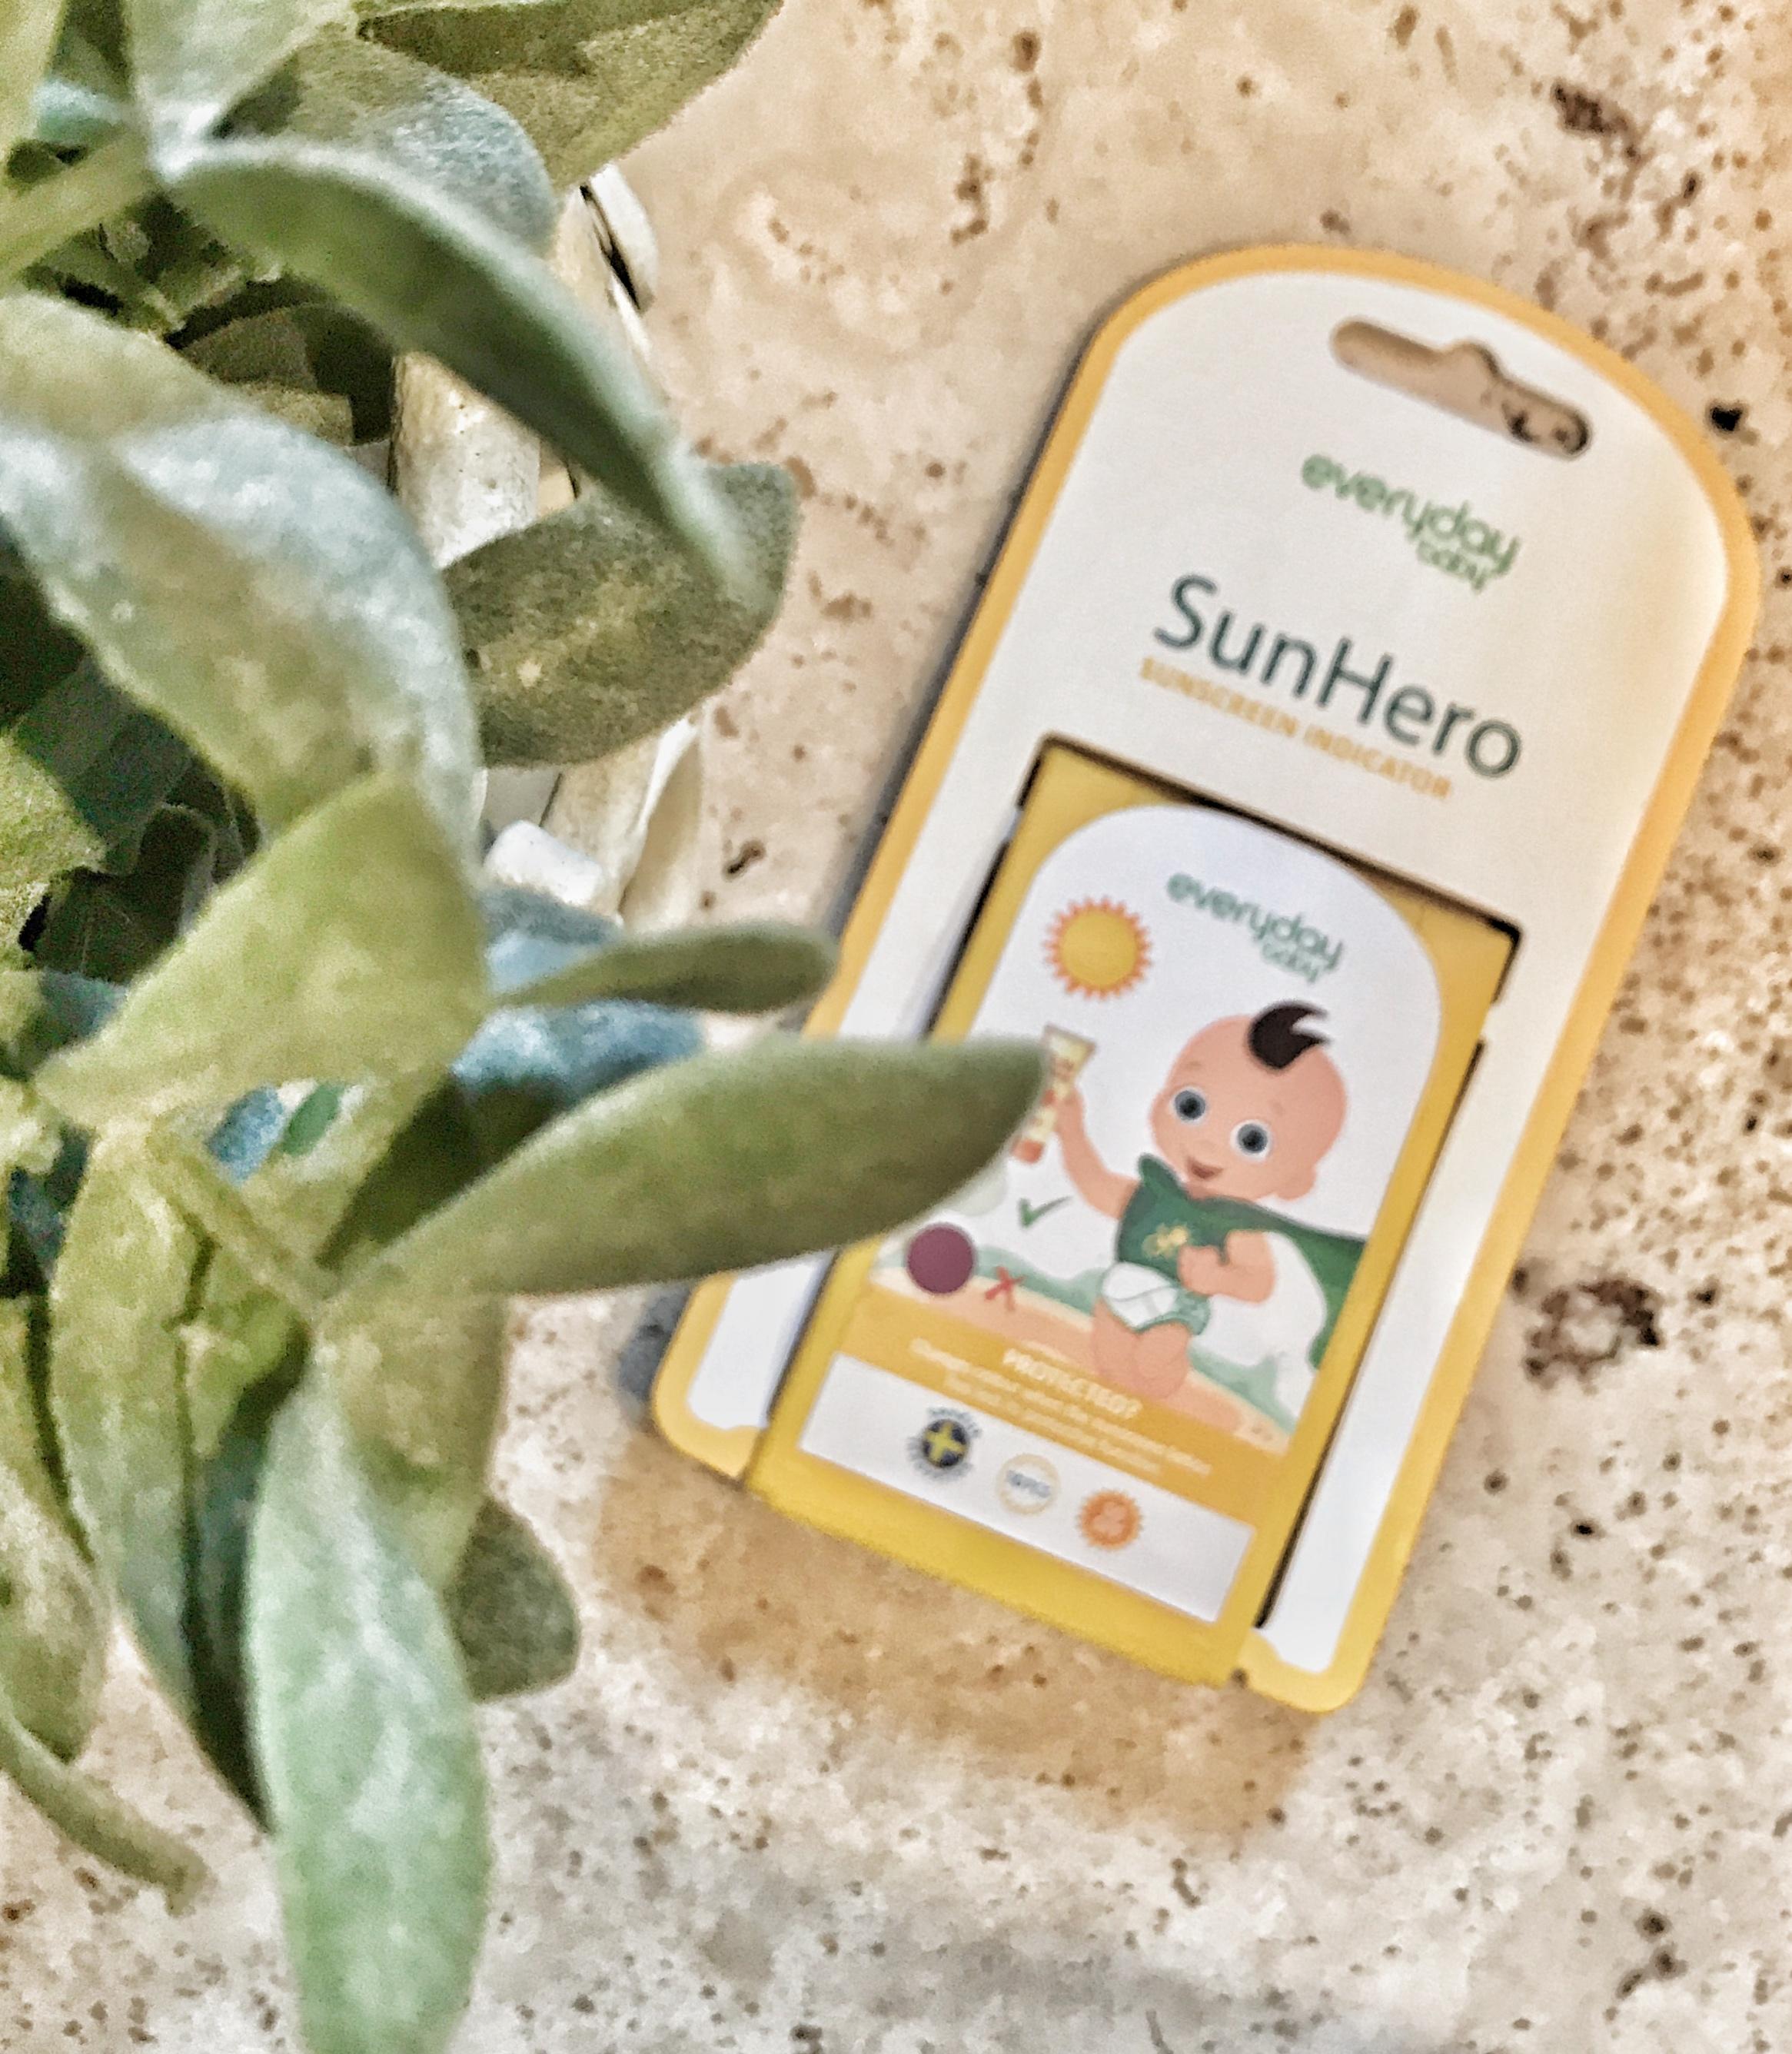 everydaybaby sweet lavanda review